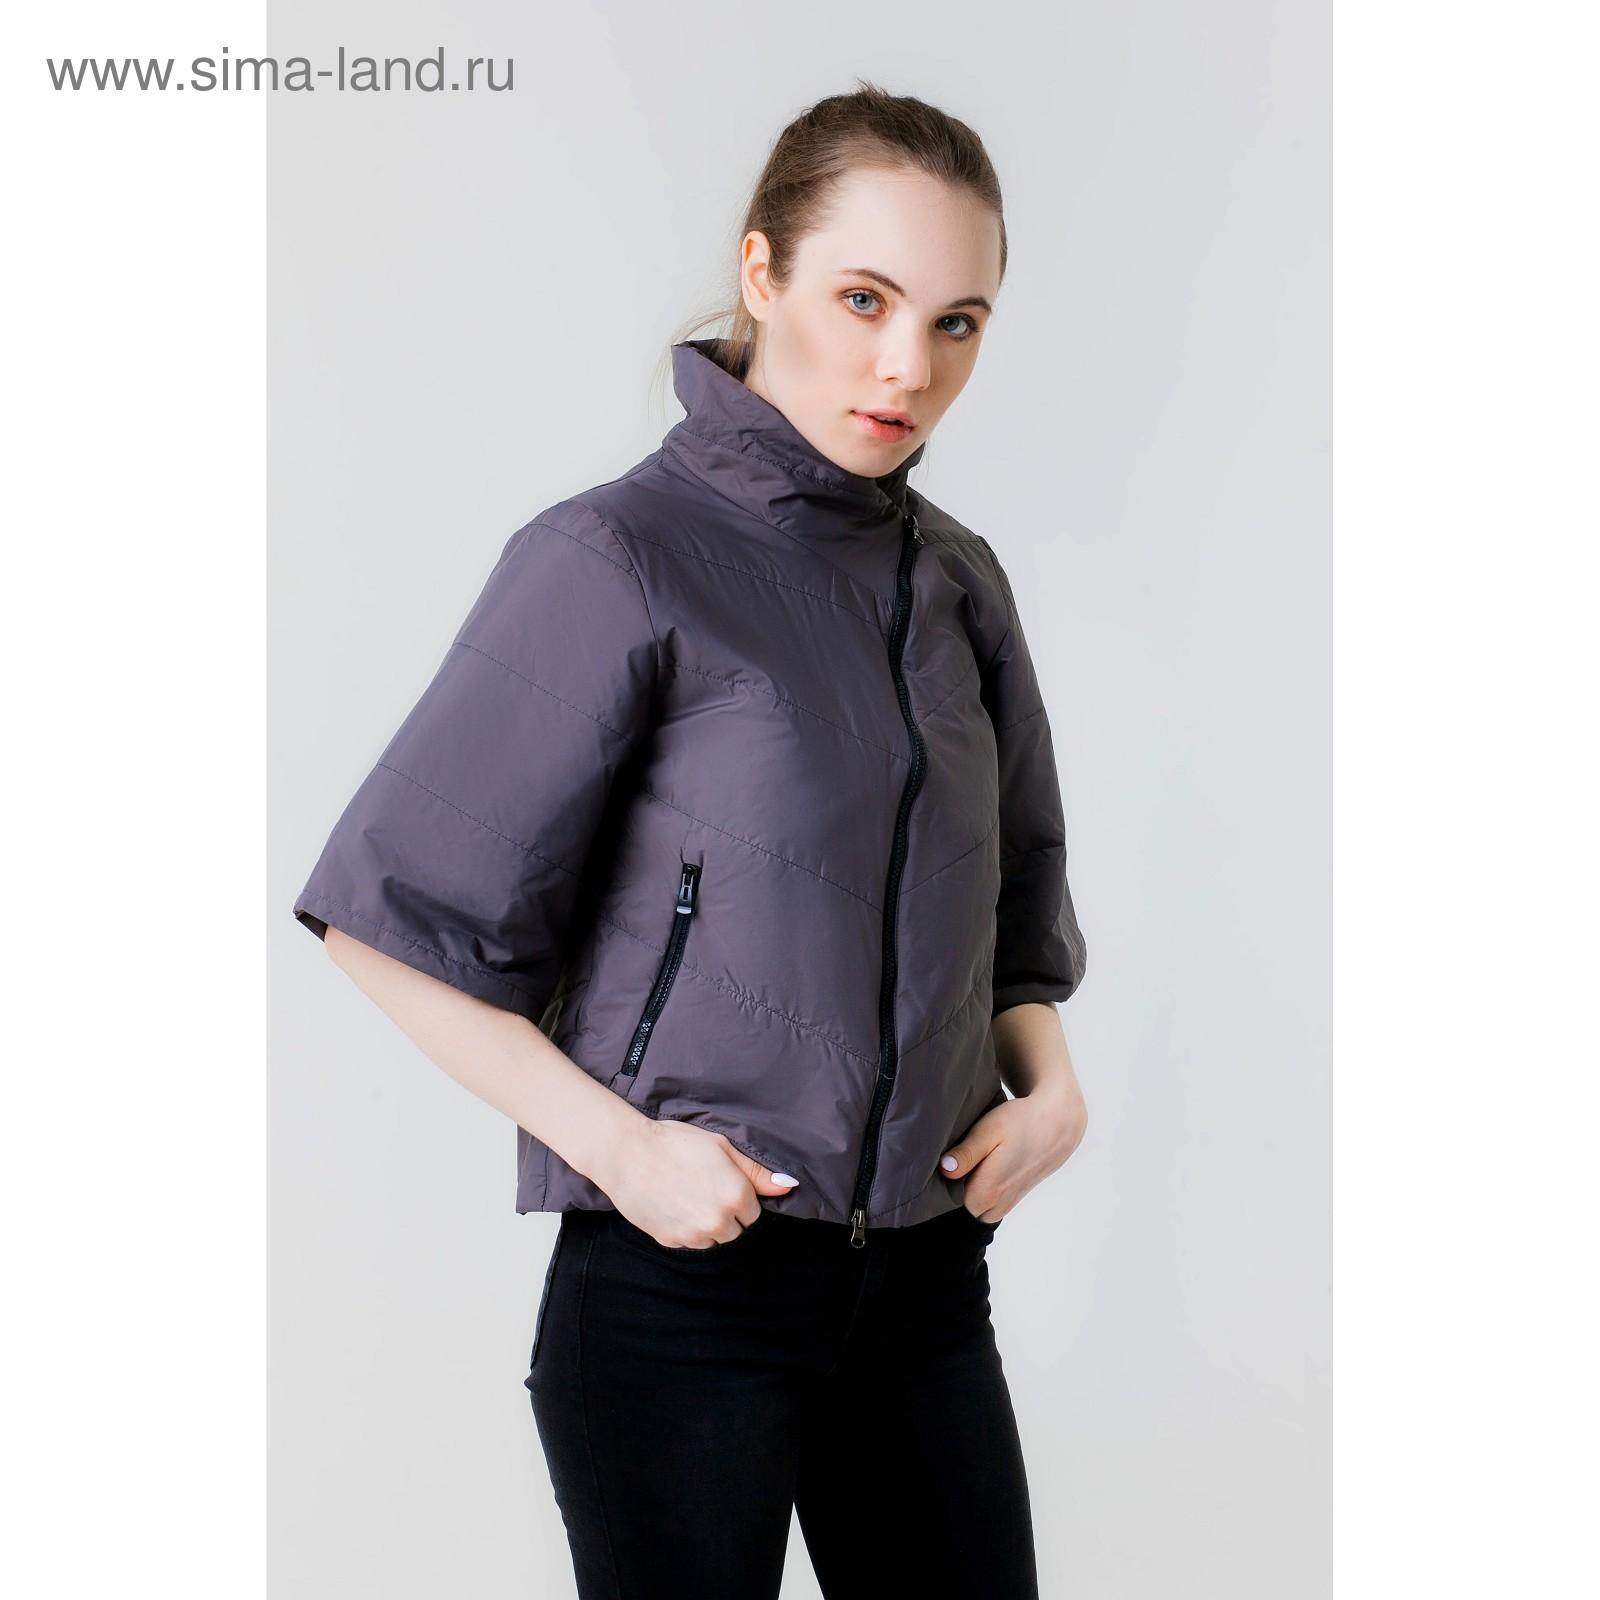 b73cb3f72b481 Куртка женская, рост 168 см, размер 48, цвет асфальт (арт. 39 ...